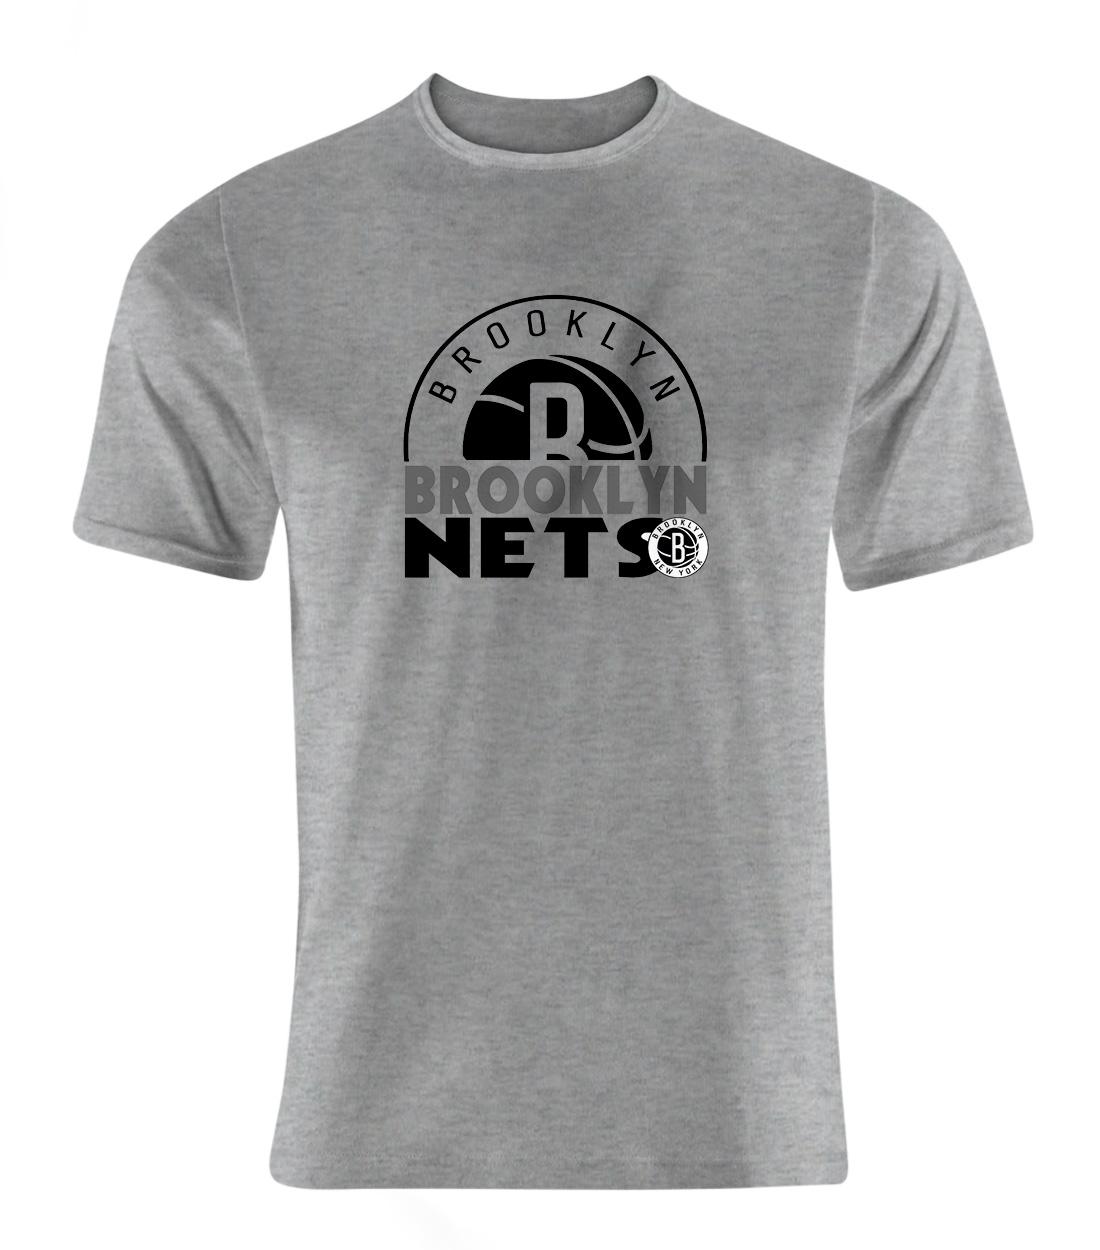 Brooklyn Nets Tshirt (TSH-GRY-NP-357-NBA-Brklyn.Nets)